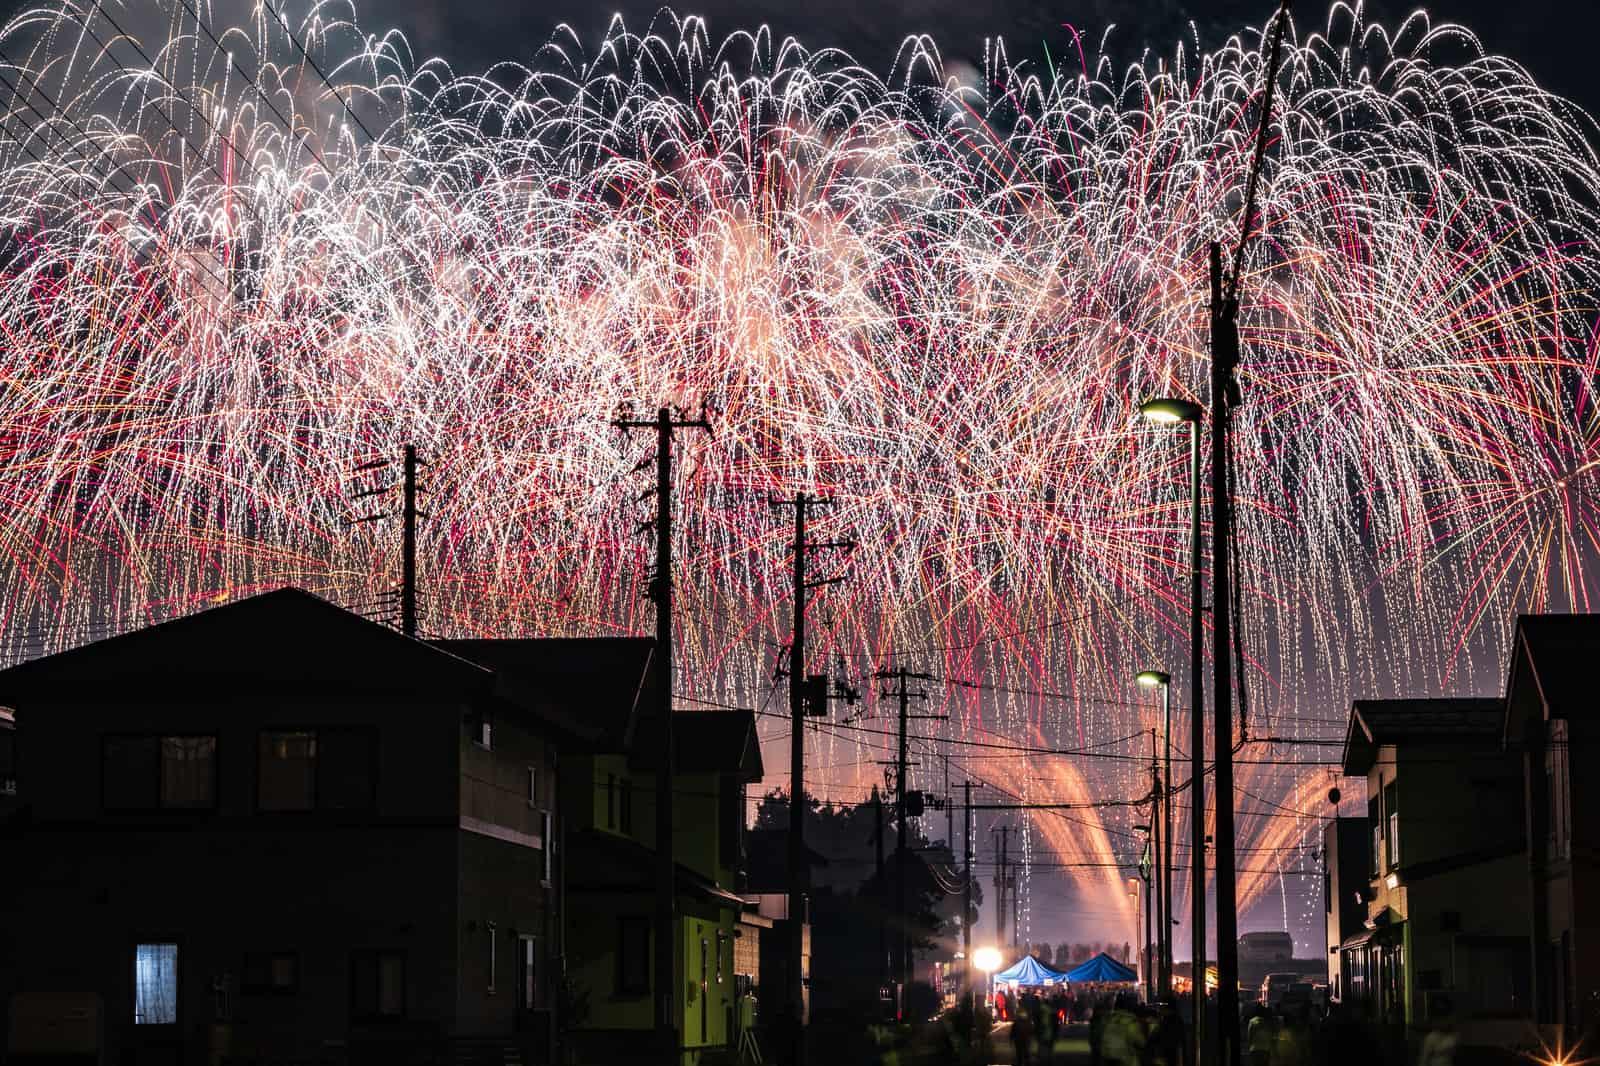 Omagari All Japan Fireworks Competition ที่เที่ยว ฤดูร้อนในเมืองโอมาการิ อาคิตะ